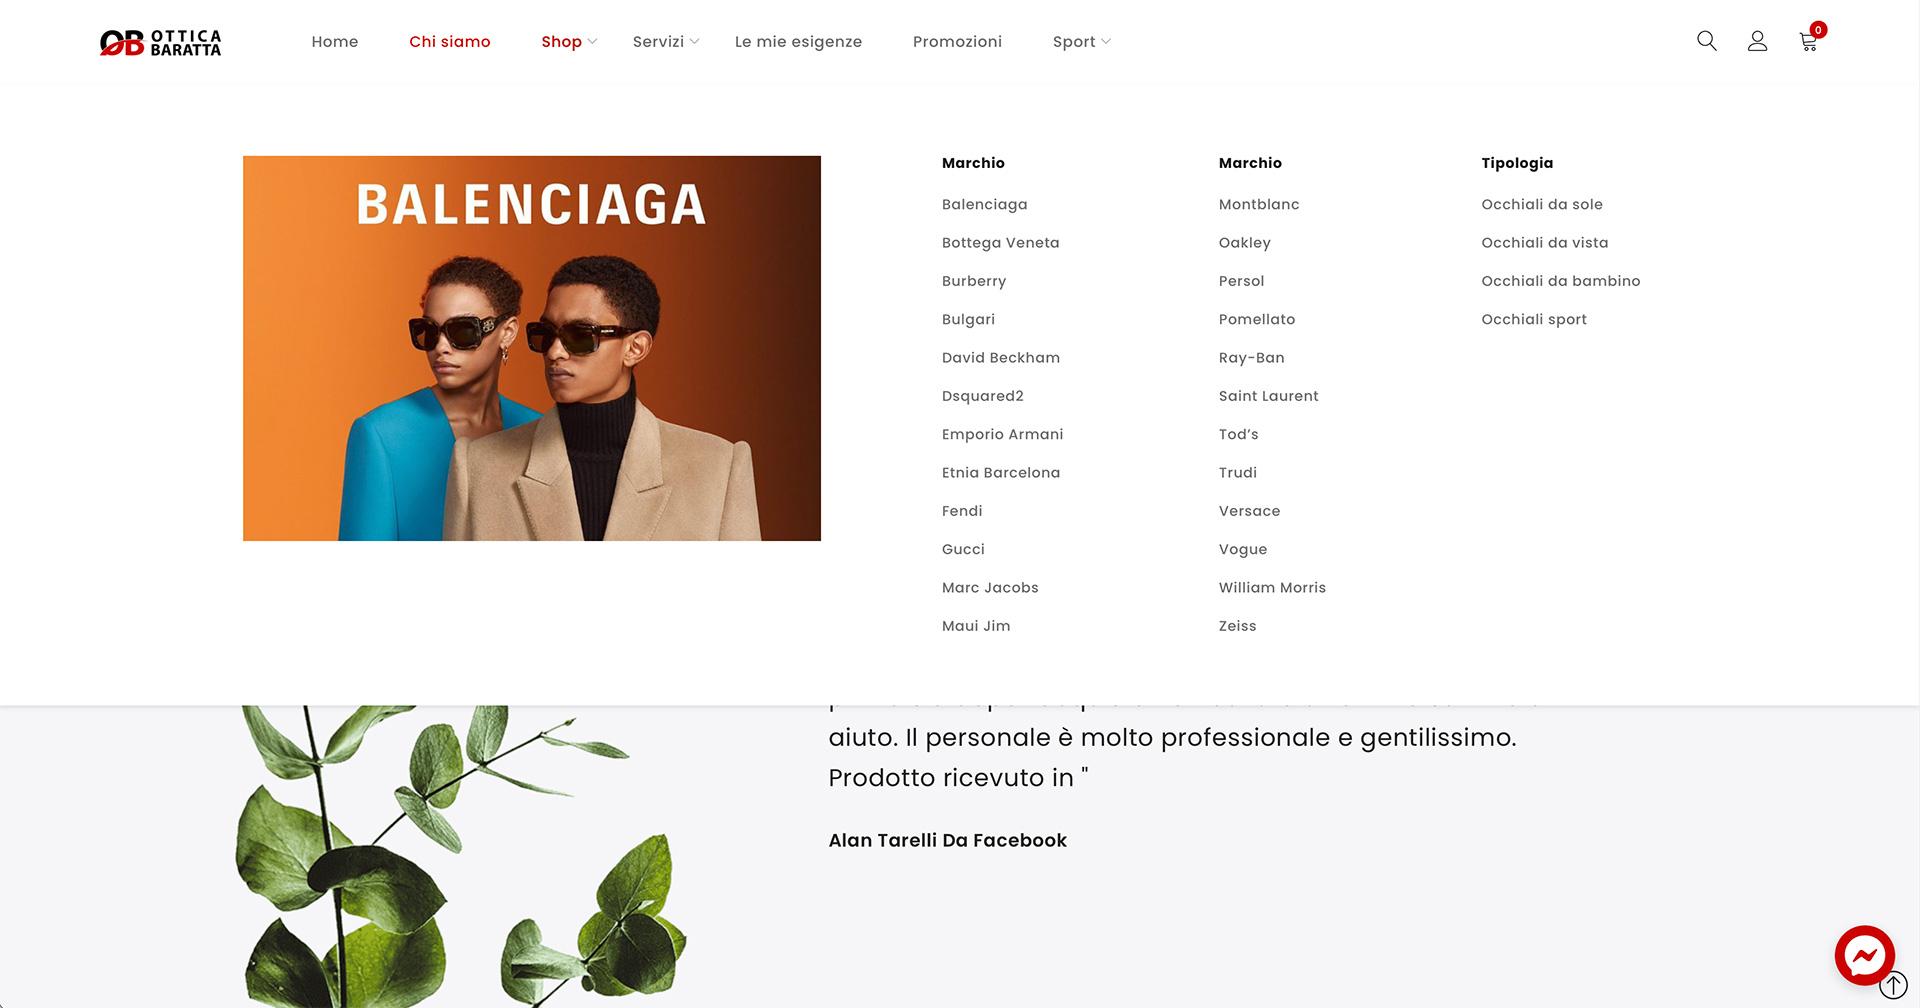 sito-web-ecommerce-vendita-occhiali-ottico-baratta-ghedi-brescia-5